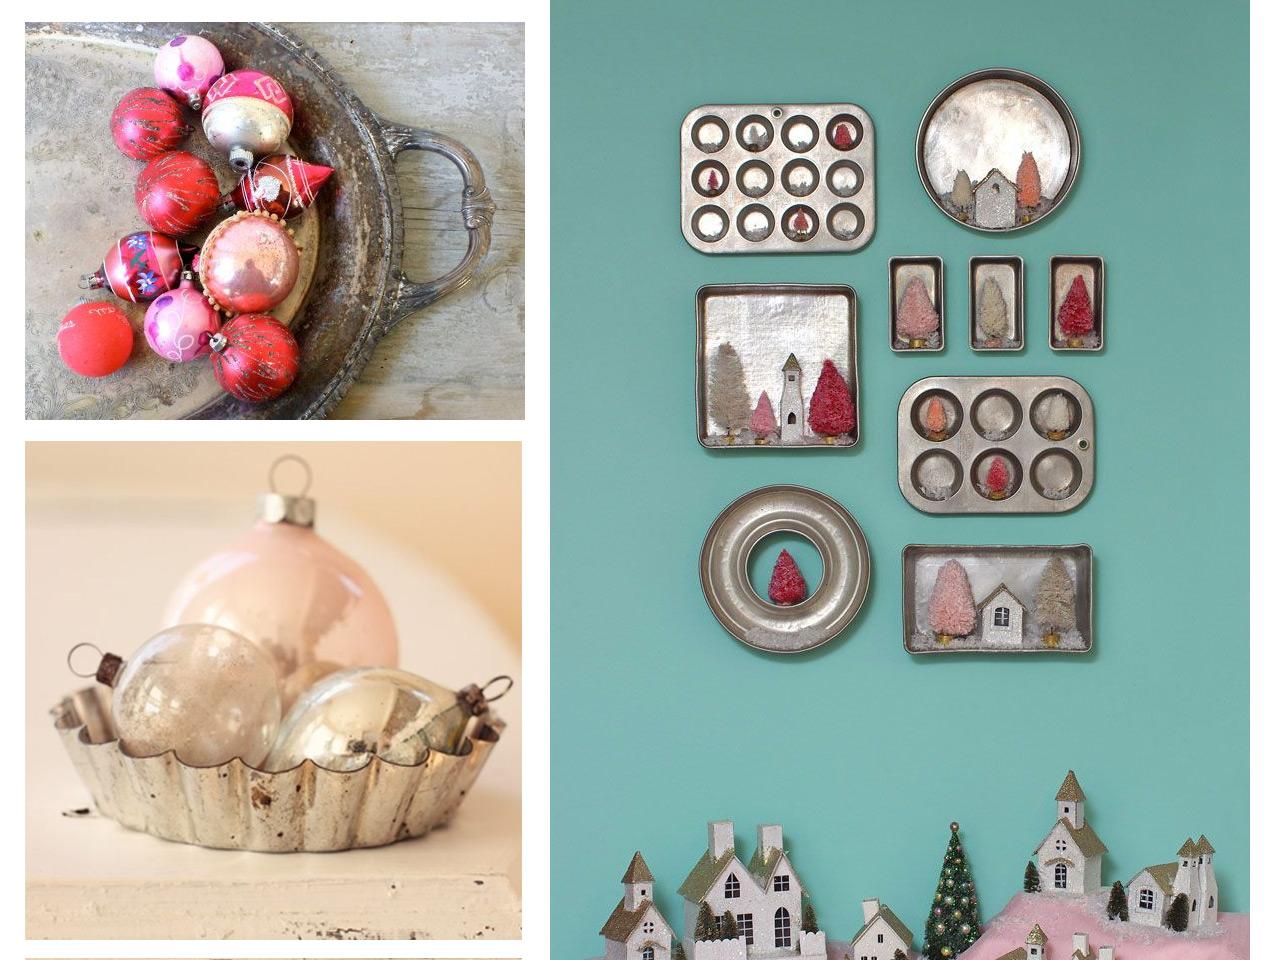 Decoraci n vintage para hacer la navidad a n m s bonita for Pinterest decoracion navidad